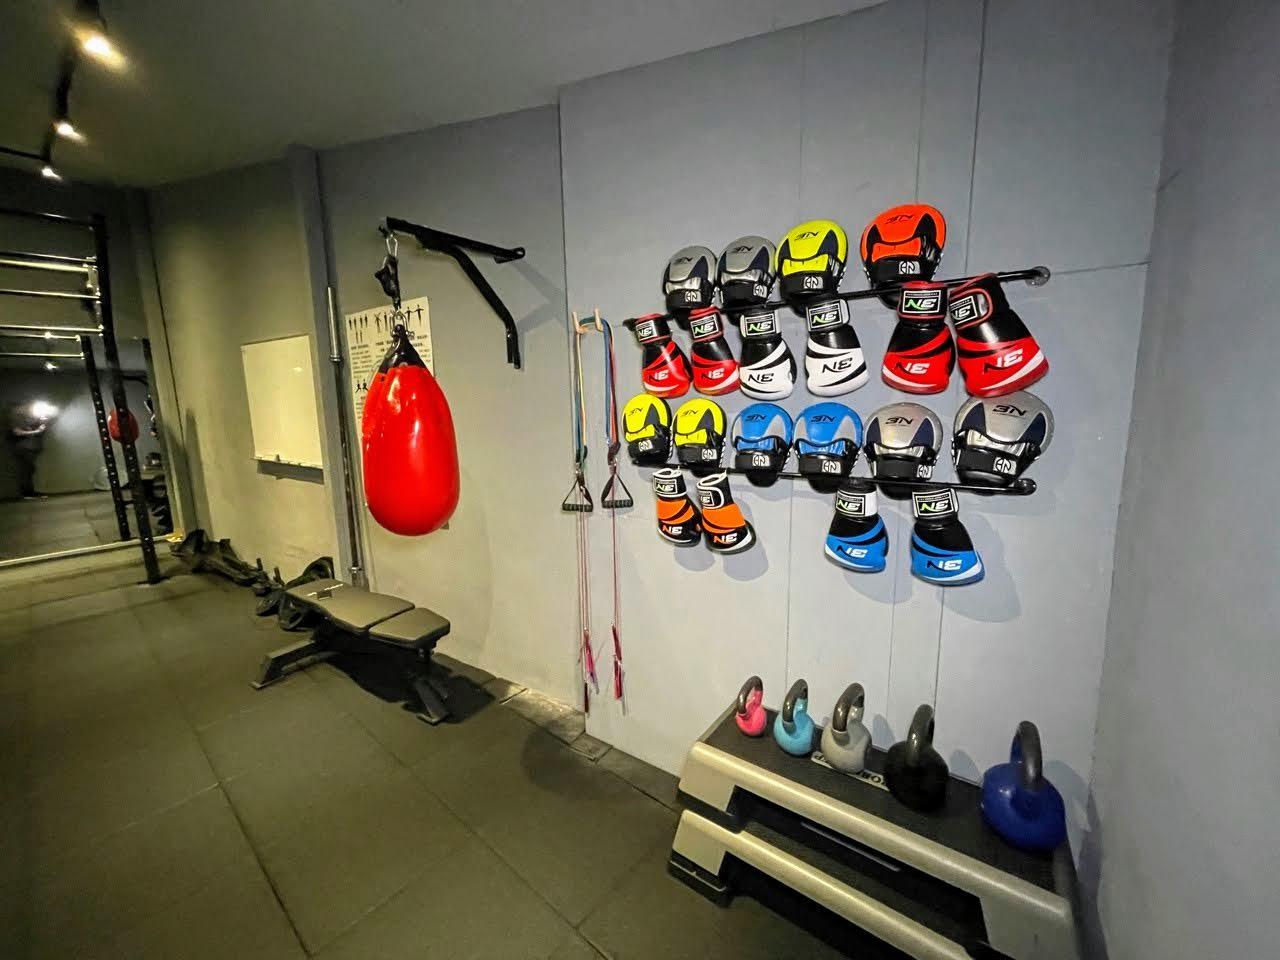 【台南|中西區】8count fitness 意志力體能訓練所|專業體態評估與拳擊體驗課程|培養運動習慣的好地方